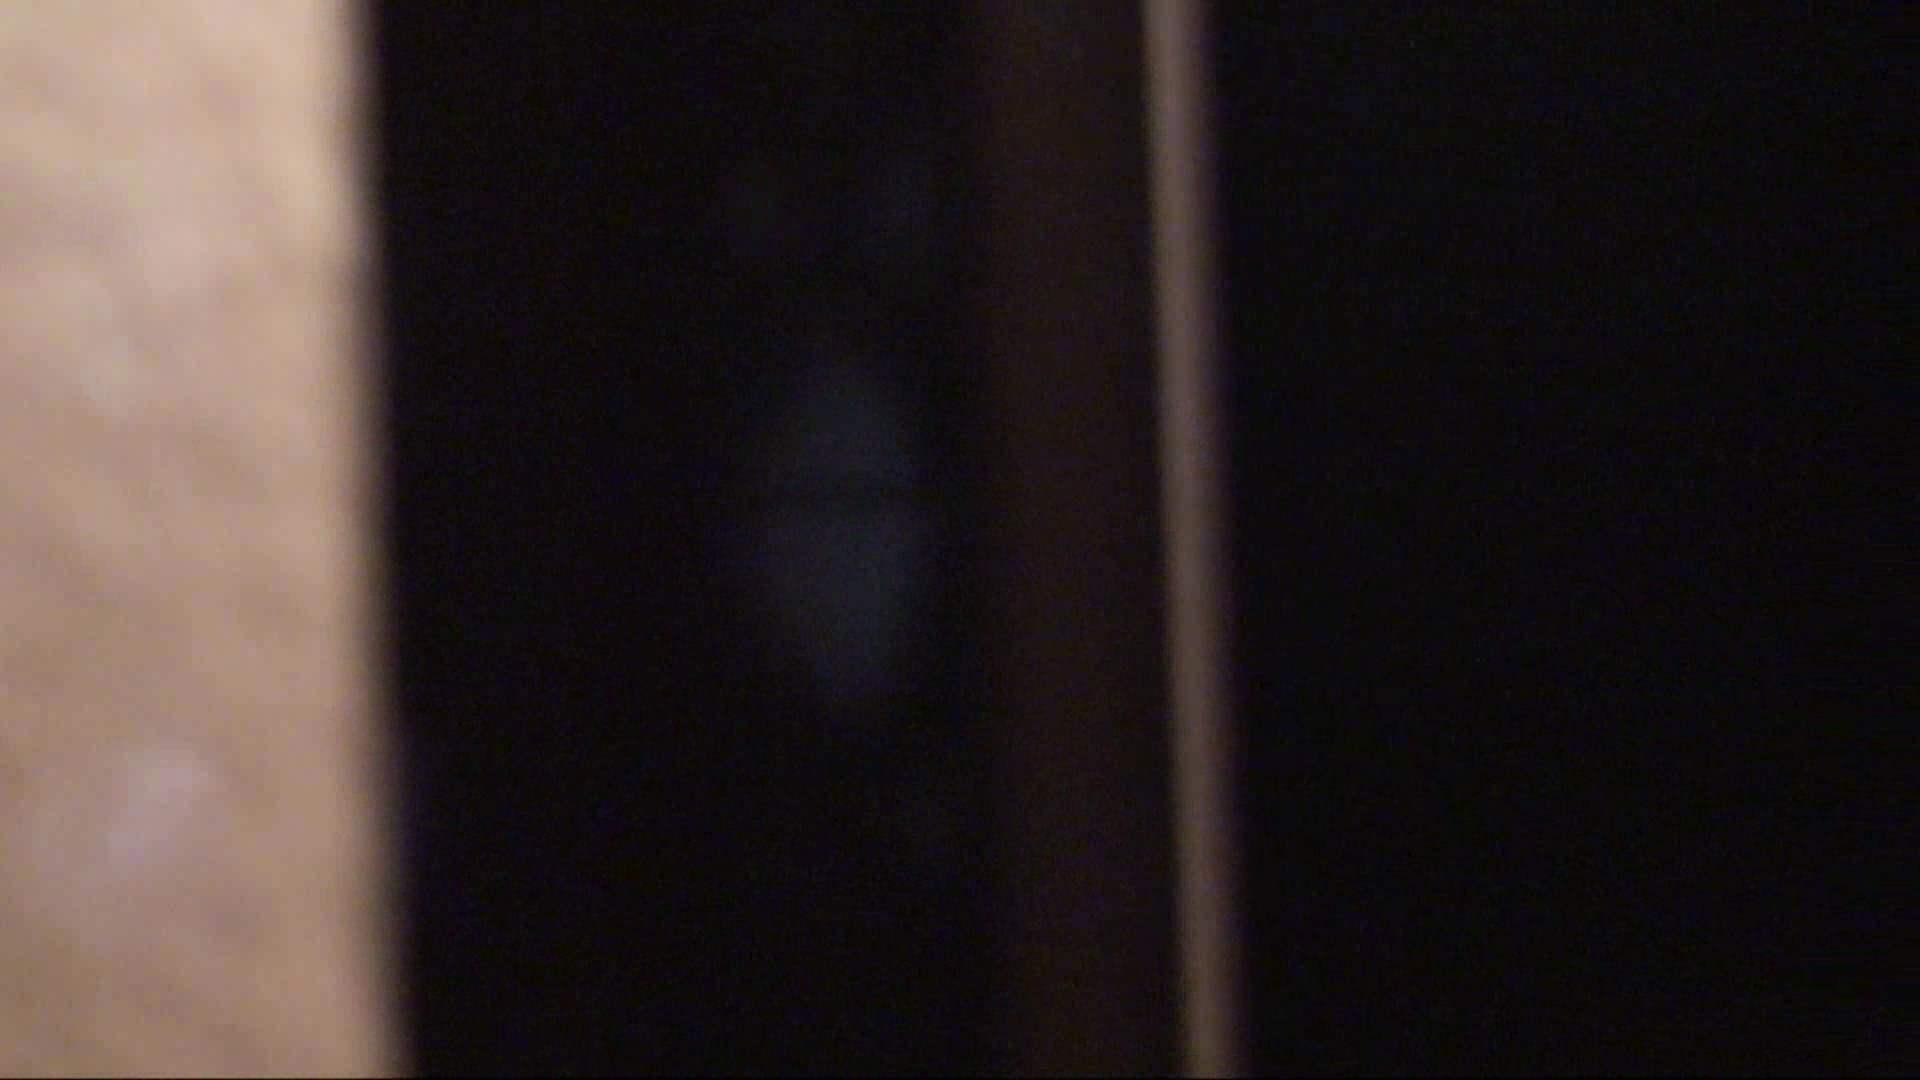 vol.01必見!白肌嬢の乳首が丸見え。極上美人のすっぴん顔をハイビジョンで! 色っぽいOL達 えろ無修正画像 89pic 9